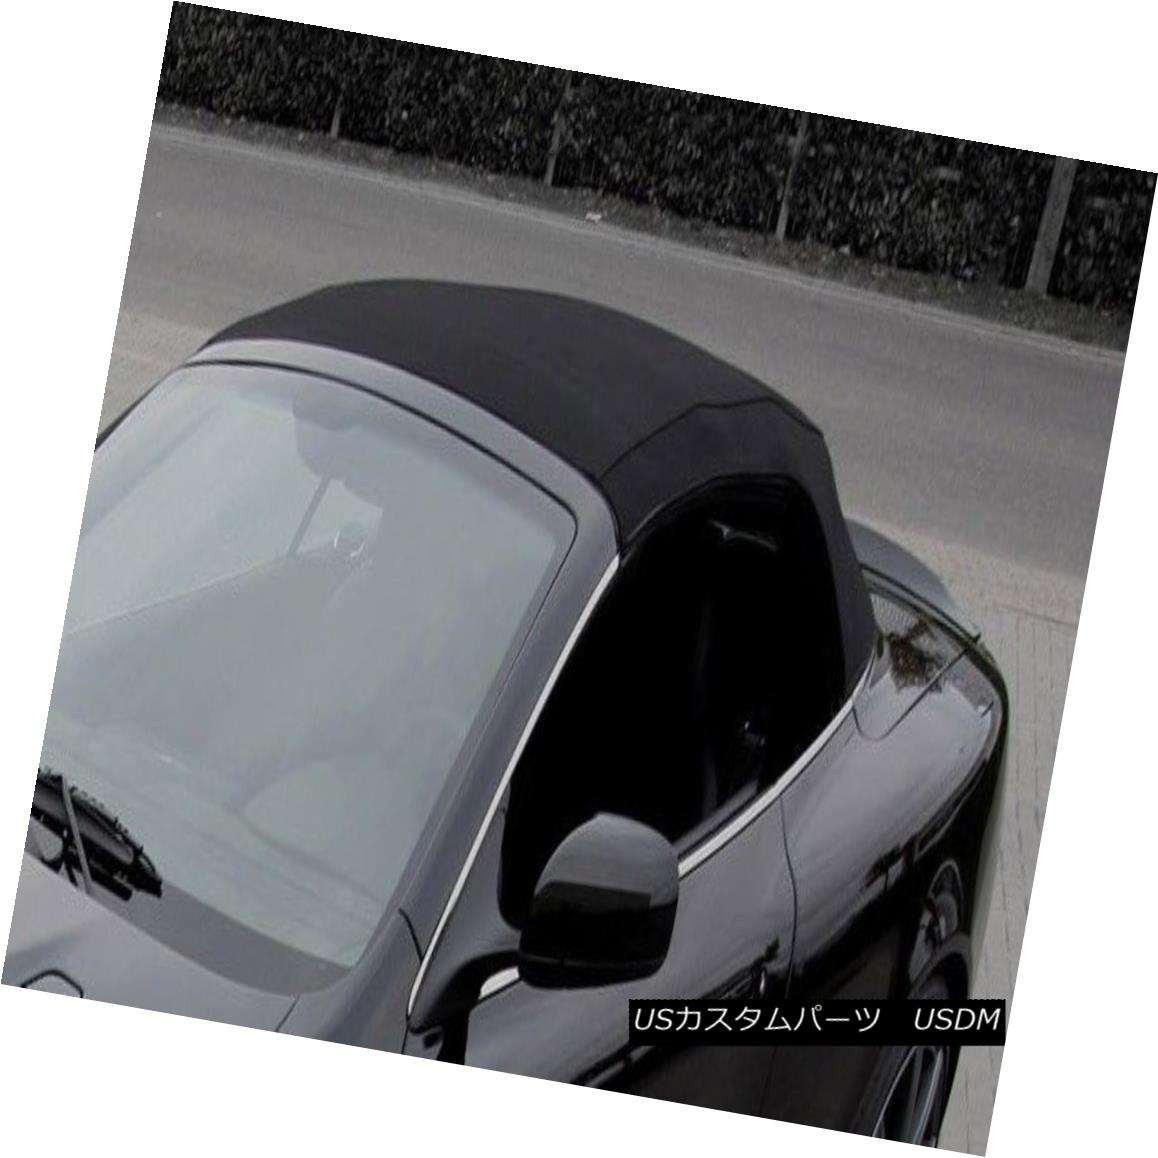 幌・ソフトトップ 2003- 2010 Aston Martin DB9 Volante Replacement Convertible Soft Top- Bordeaux 2003 - 2010アストンマーティンDB9ボランテ交換用ソフトトップ - ボルドー